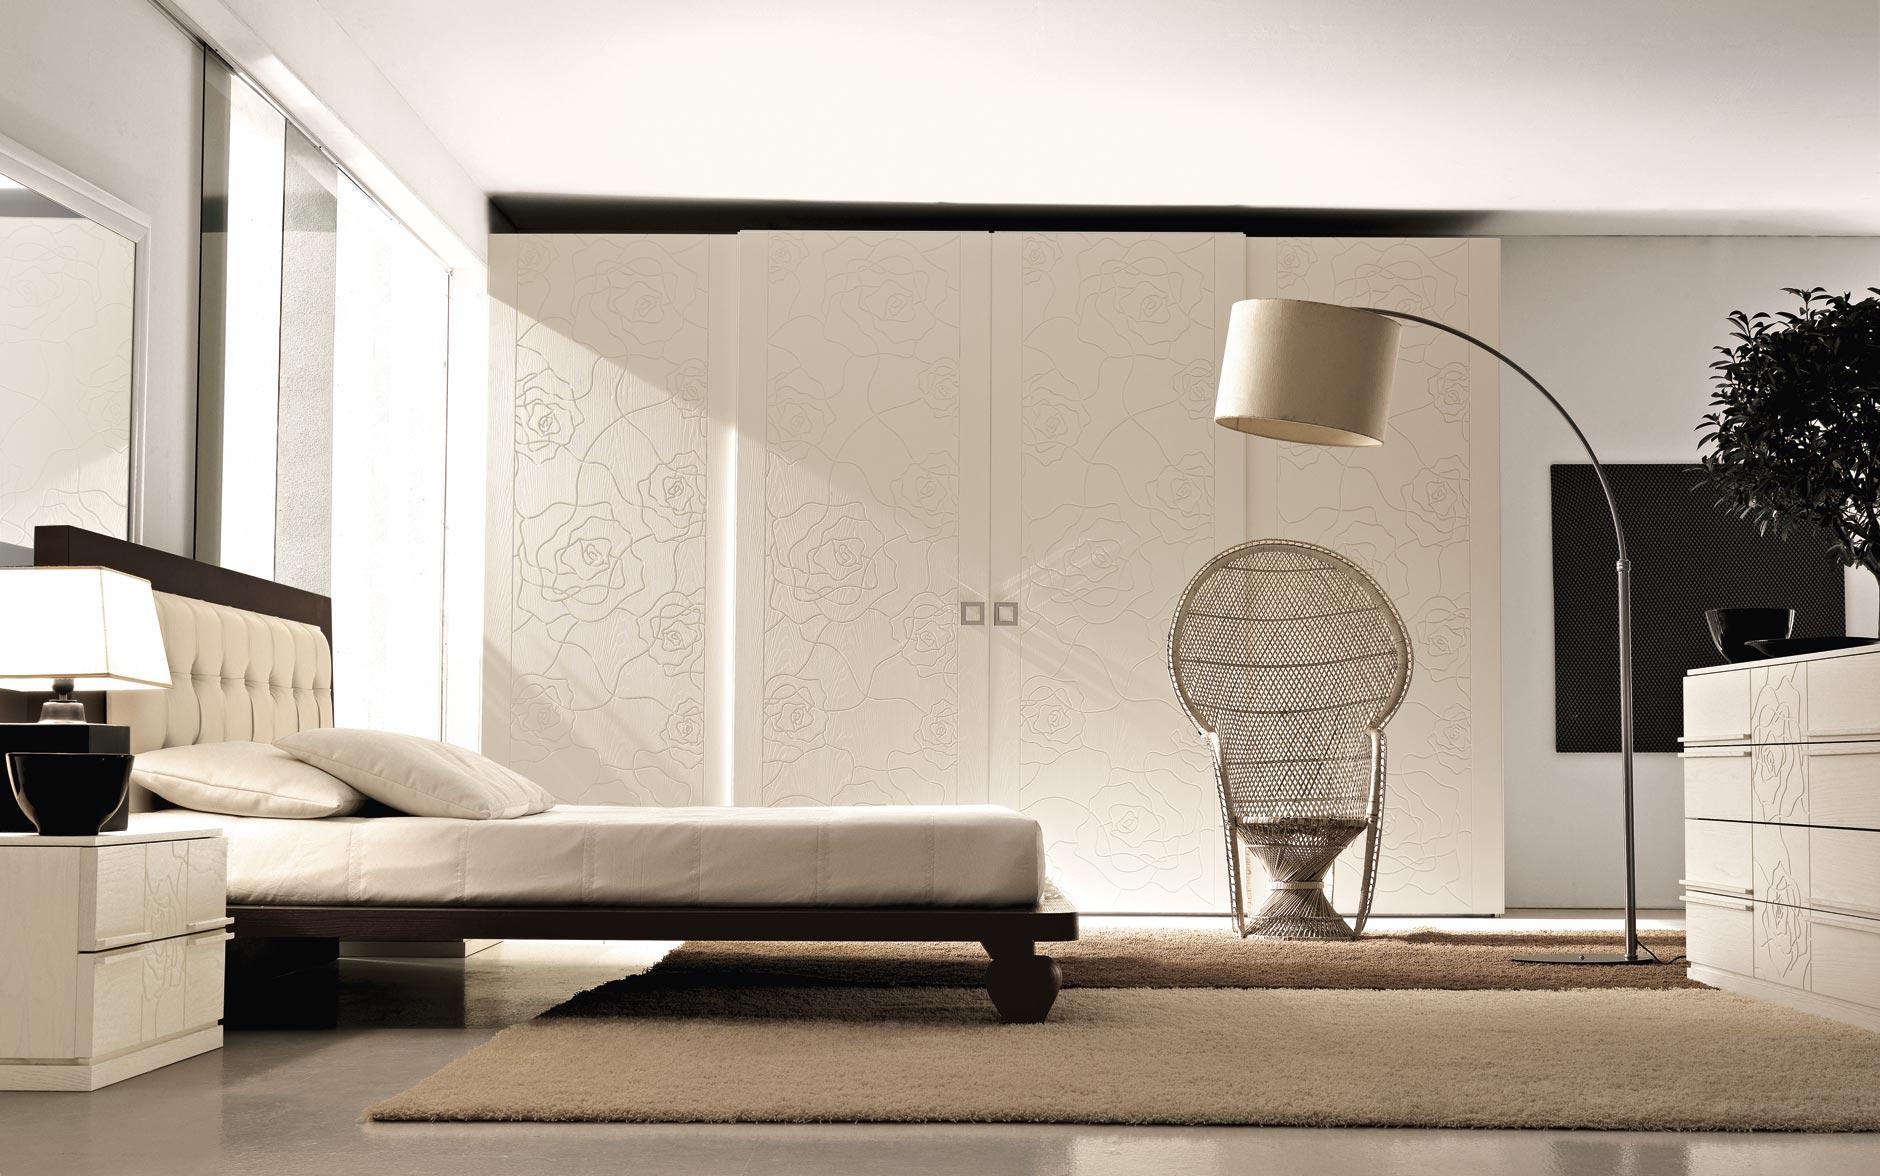 Albano mobili arredamento zona notte albano mobili for Arredamento zona notte